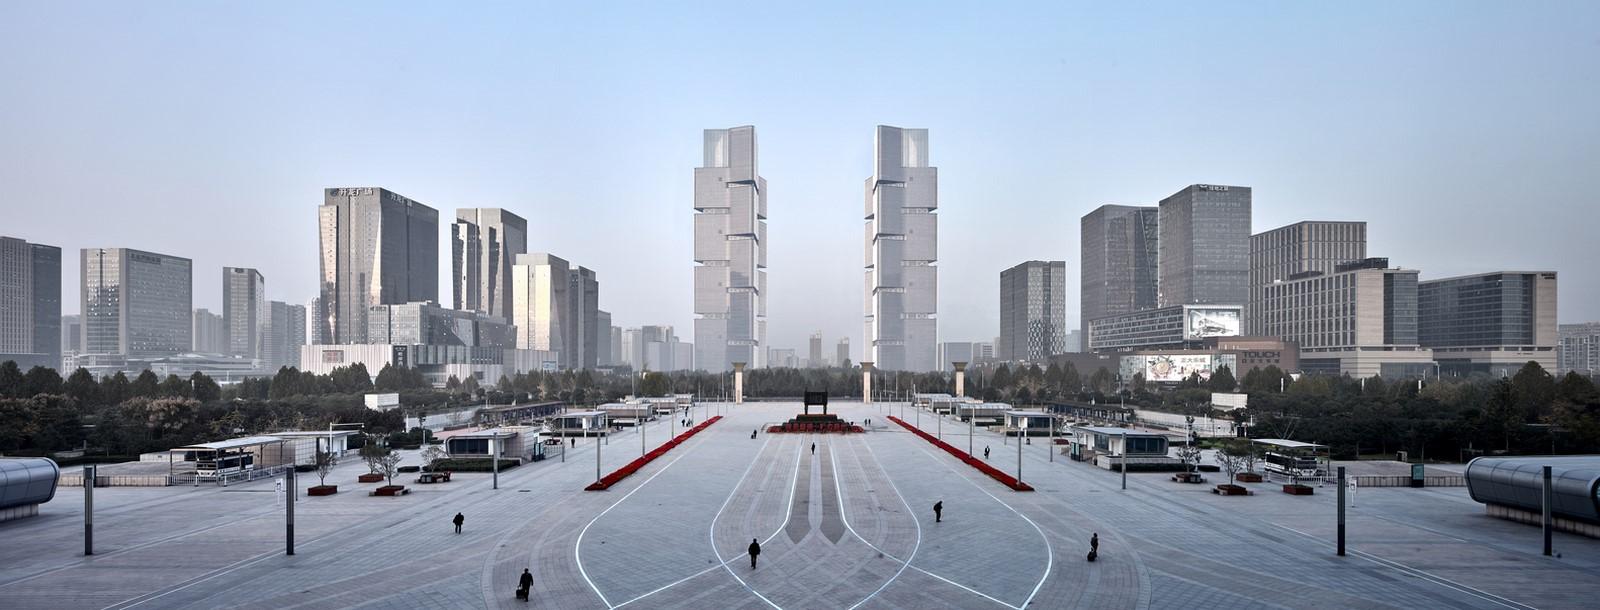 Zhengzhou Twin Towers - Sheet2